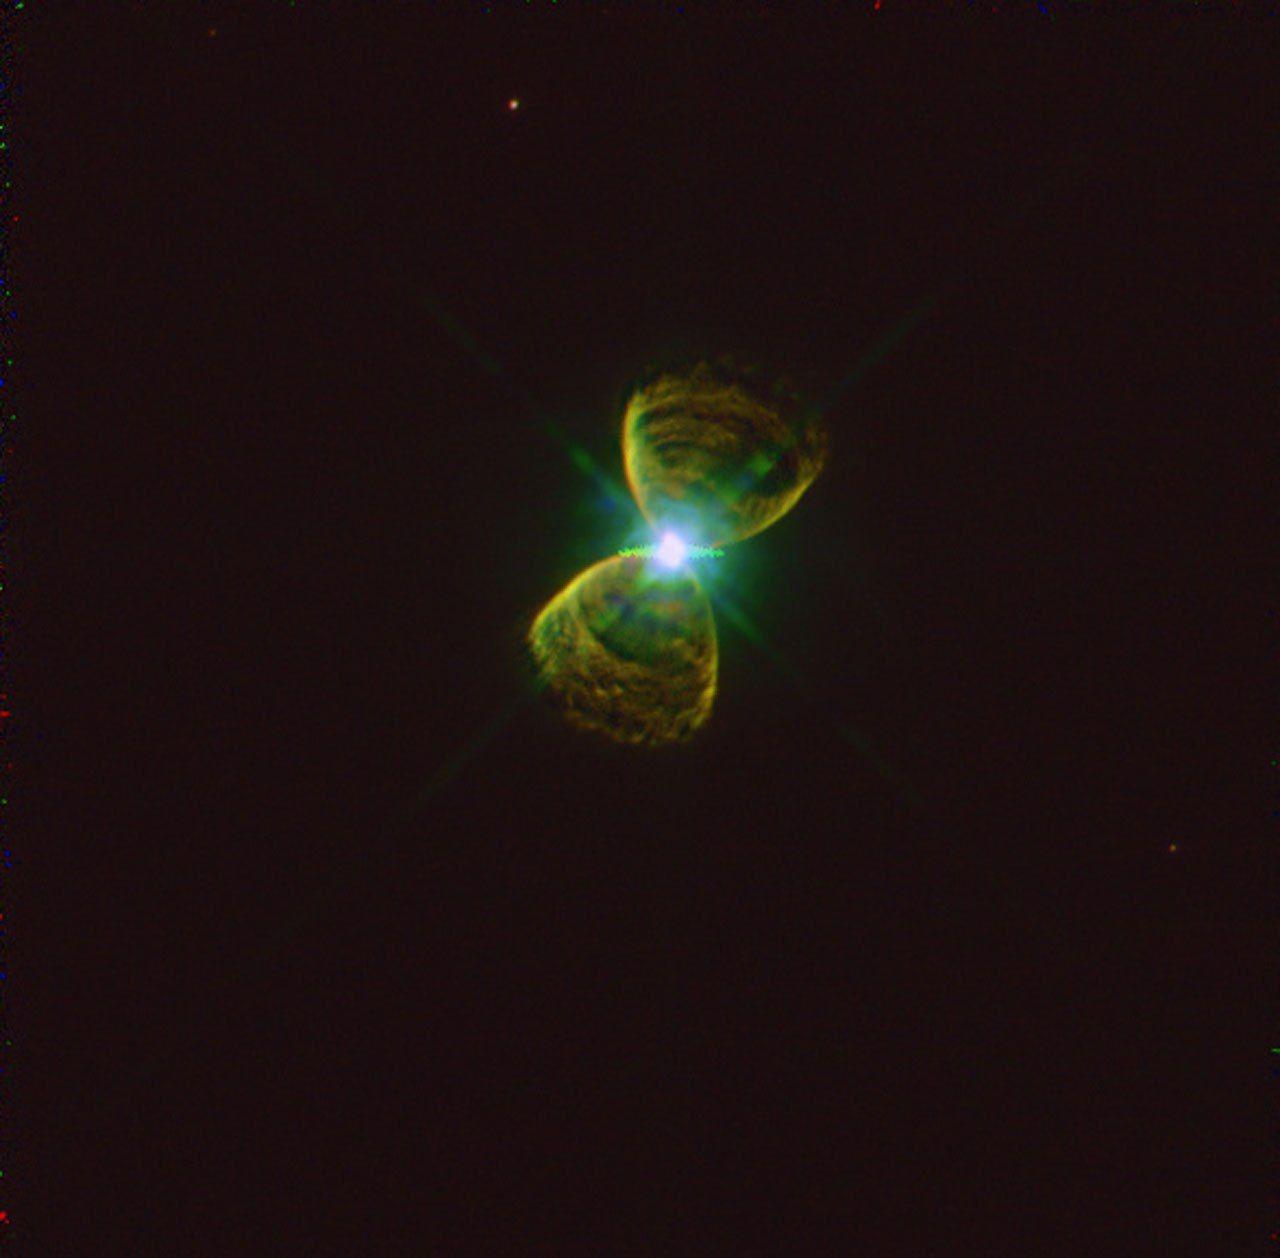 Планетарная туманность PK111-2.1 в созвездии Кассиопея